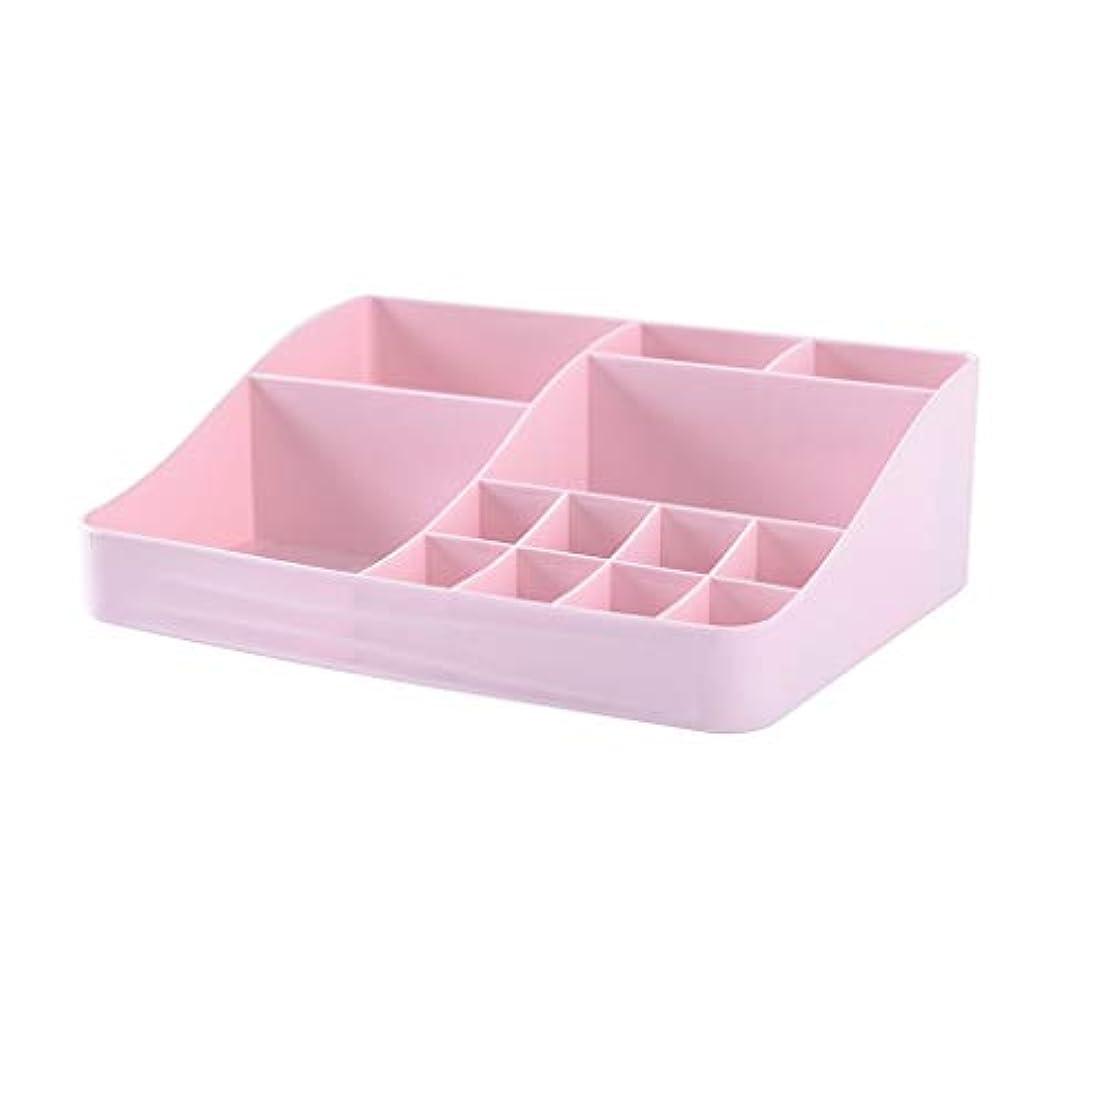 スペード八百屋さんリダクターマルチカラー化粧品収納ボックスデスクトッププラスチックジュエリー口紅ネイルオイルデブリ収納ボックスラック (Color : A)